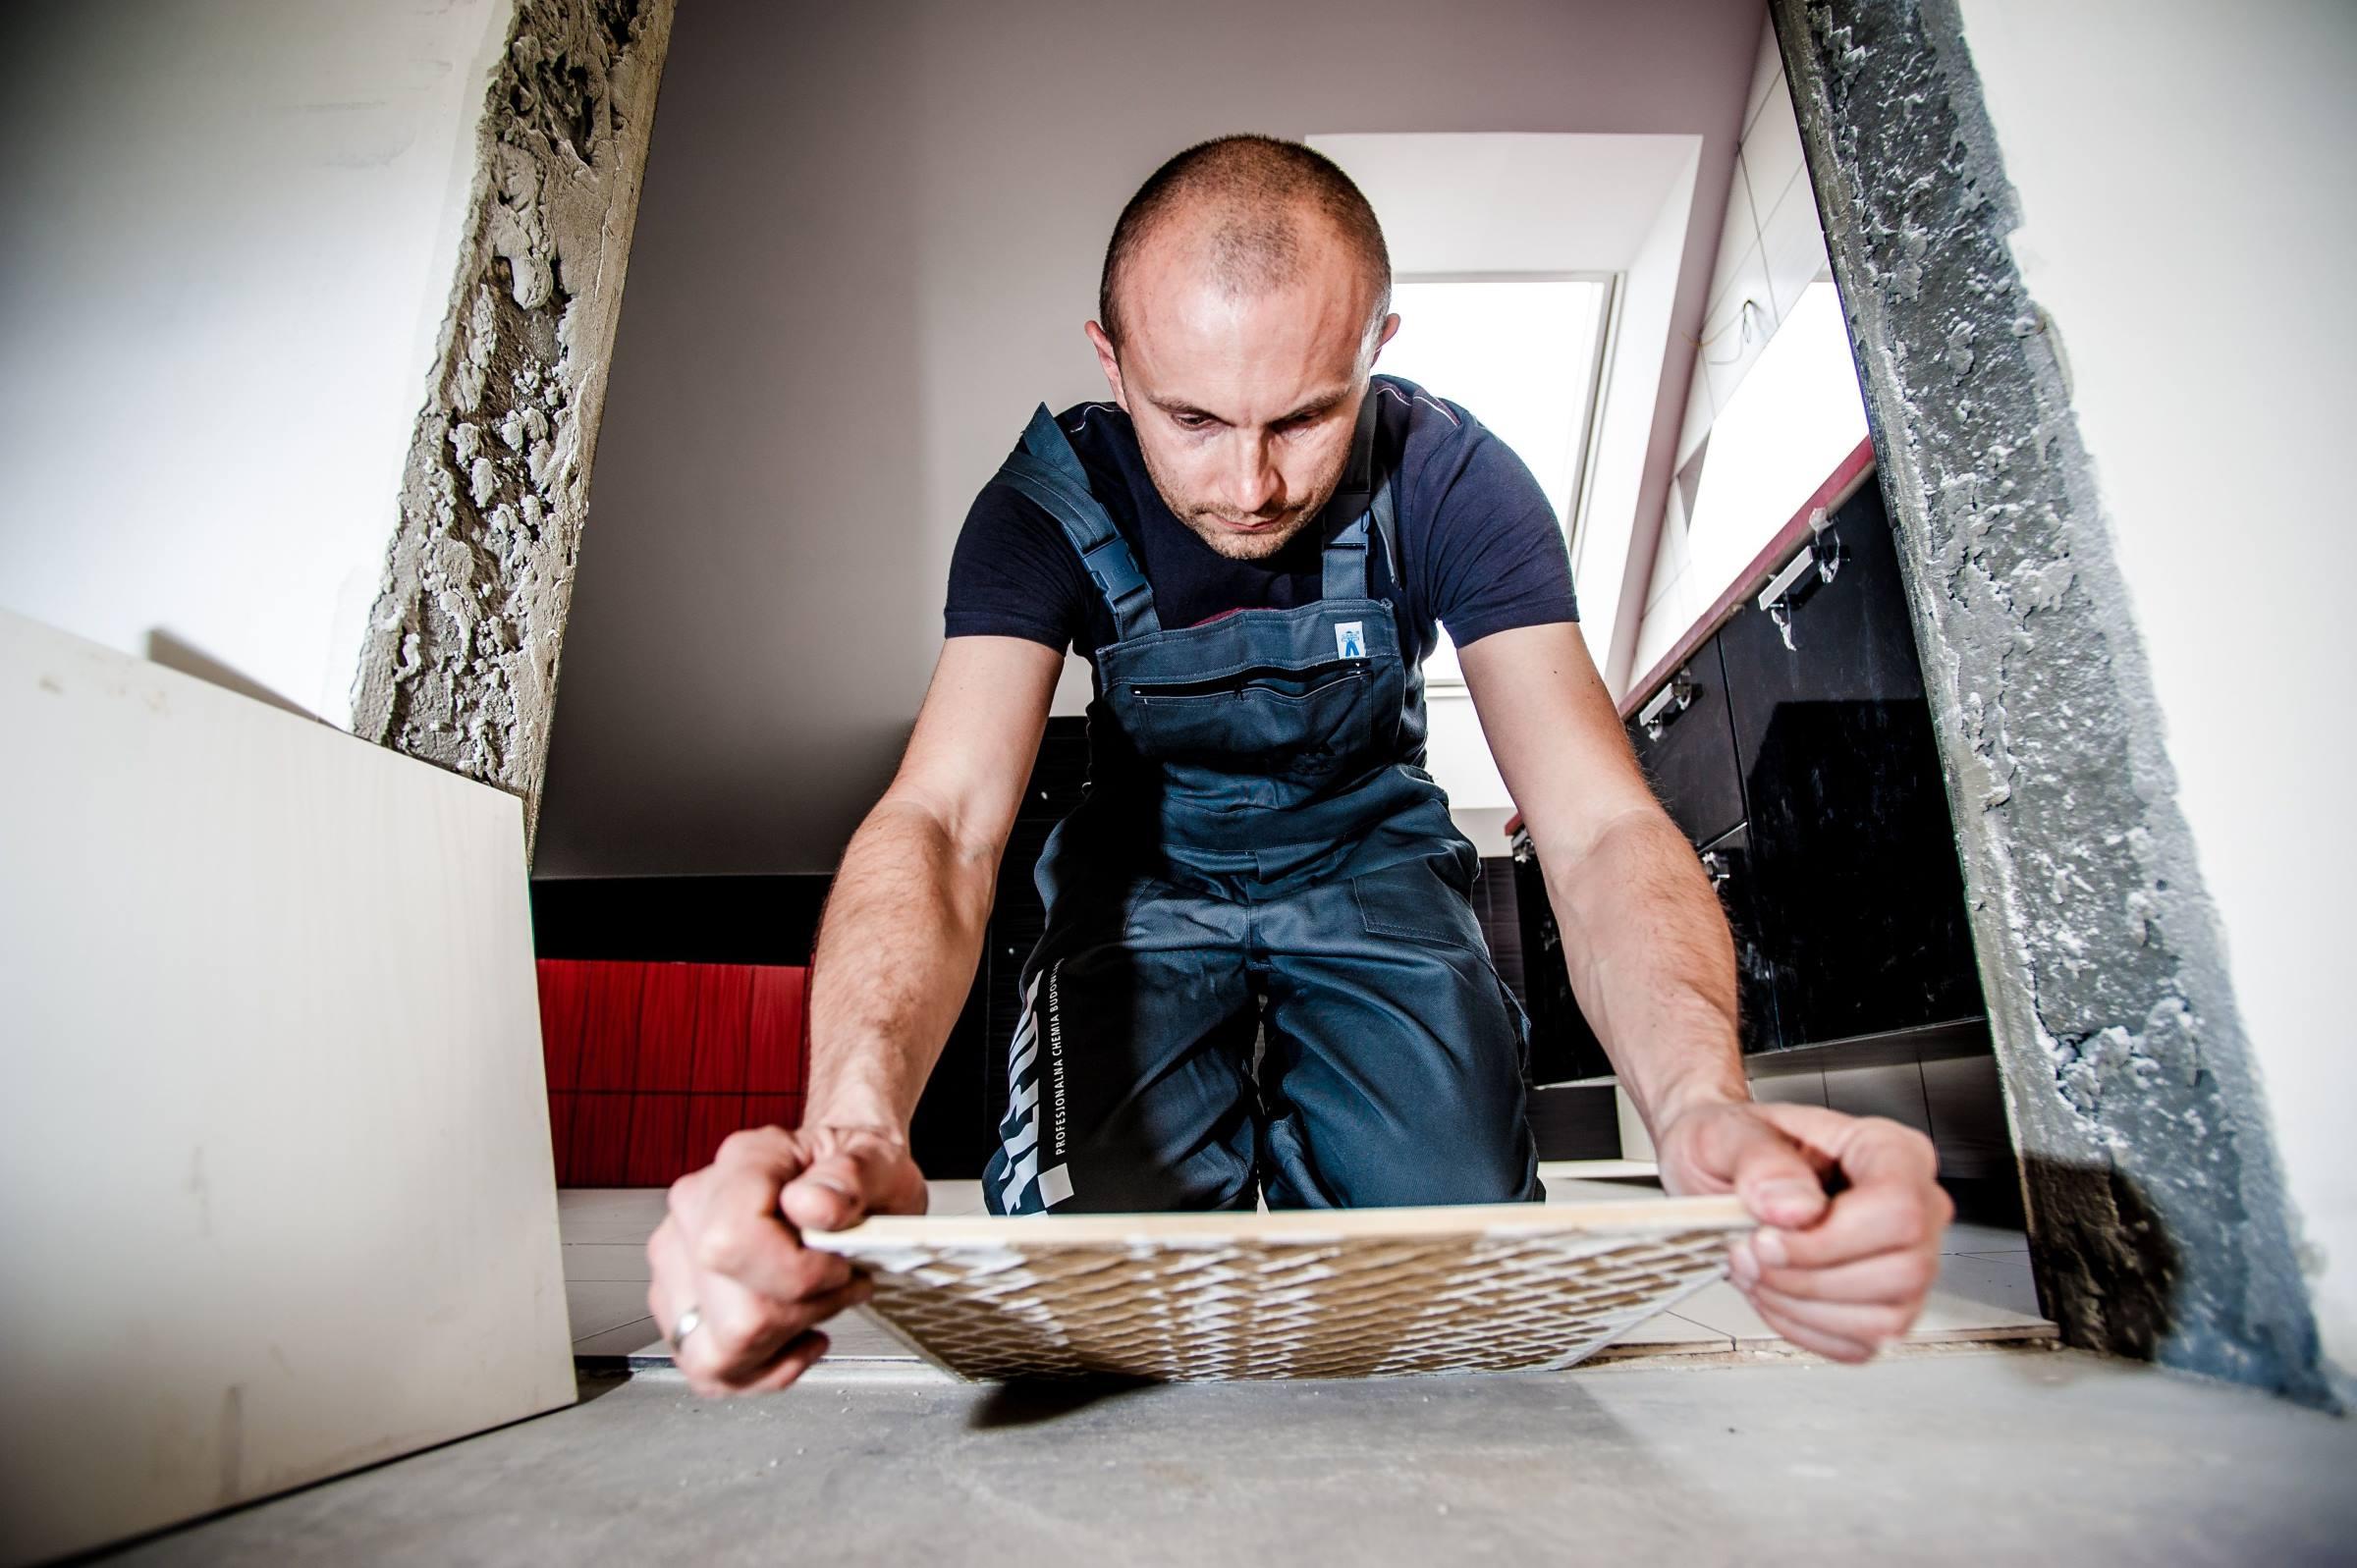 Worker tiler tiling tile